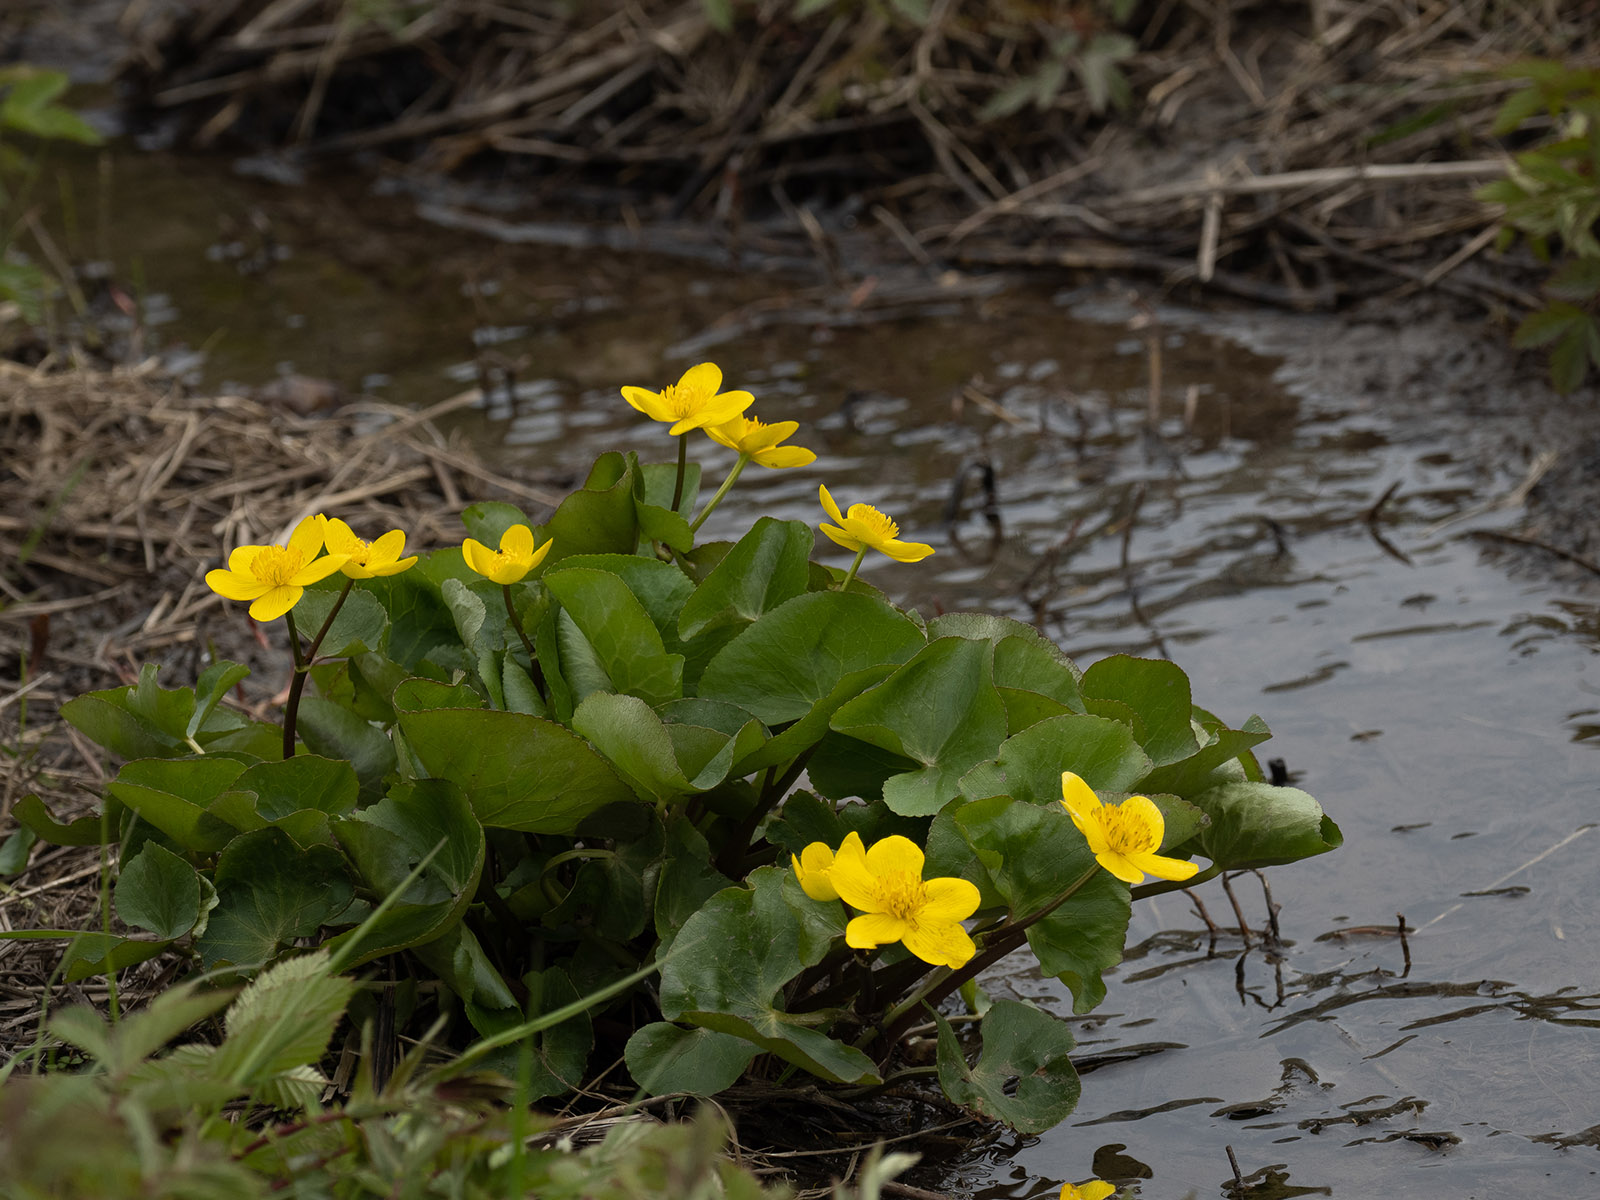 Калужница болотная (Caltha palustris). Автор фото: Сутормина Марина